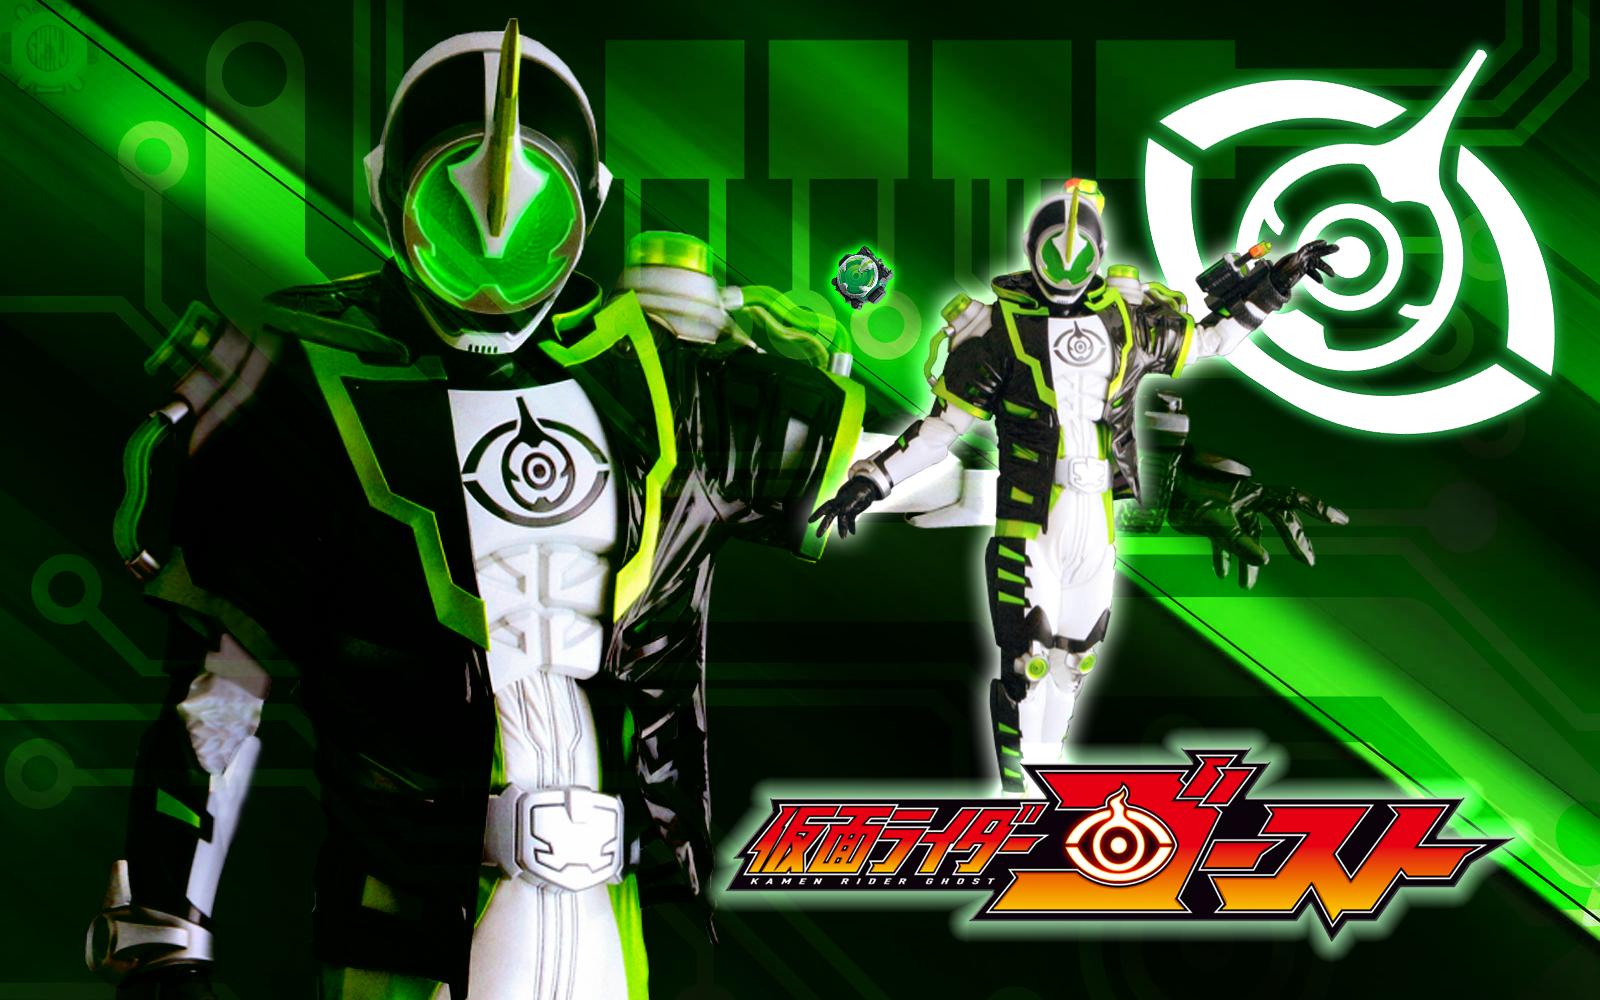 Kamen Rider Necrom: Kamen Rider Favourites By Megavoteclub On DeviantArt